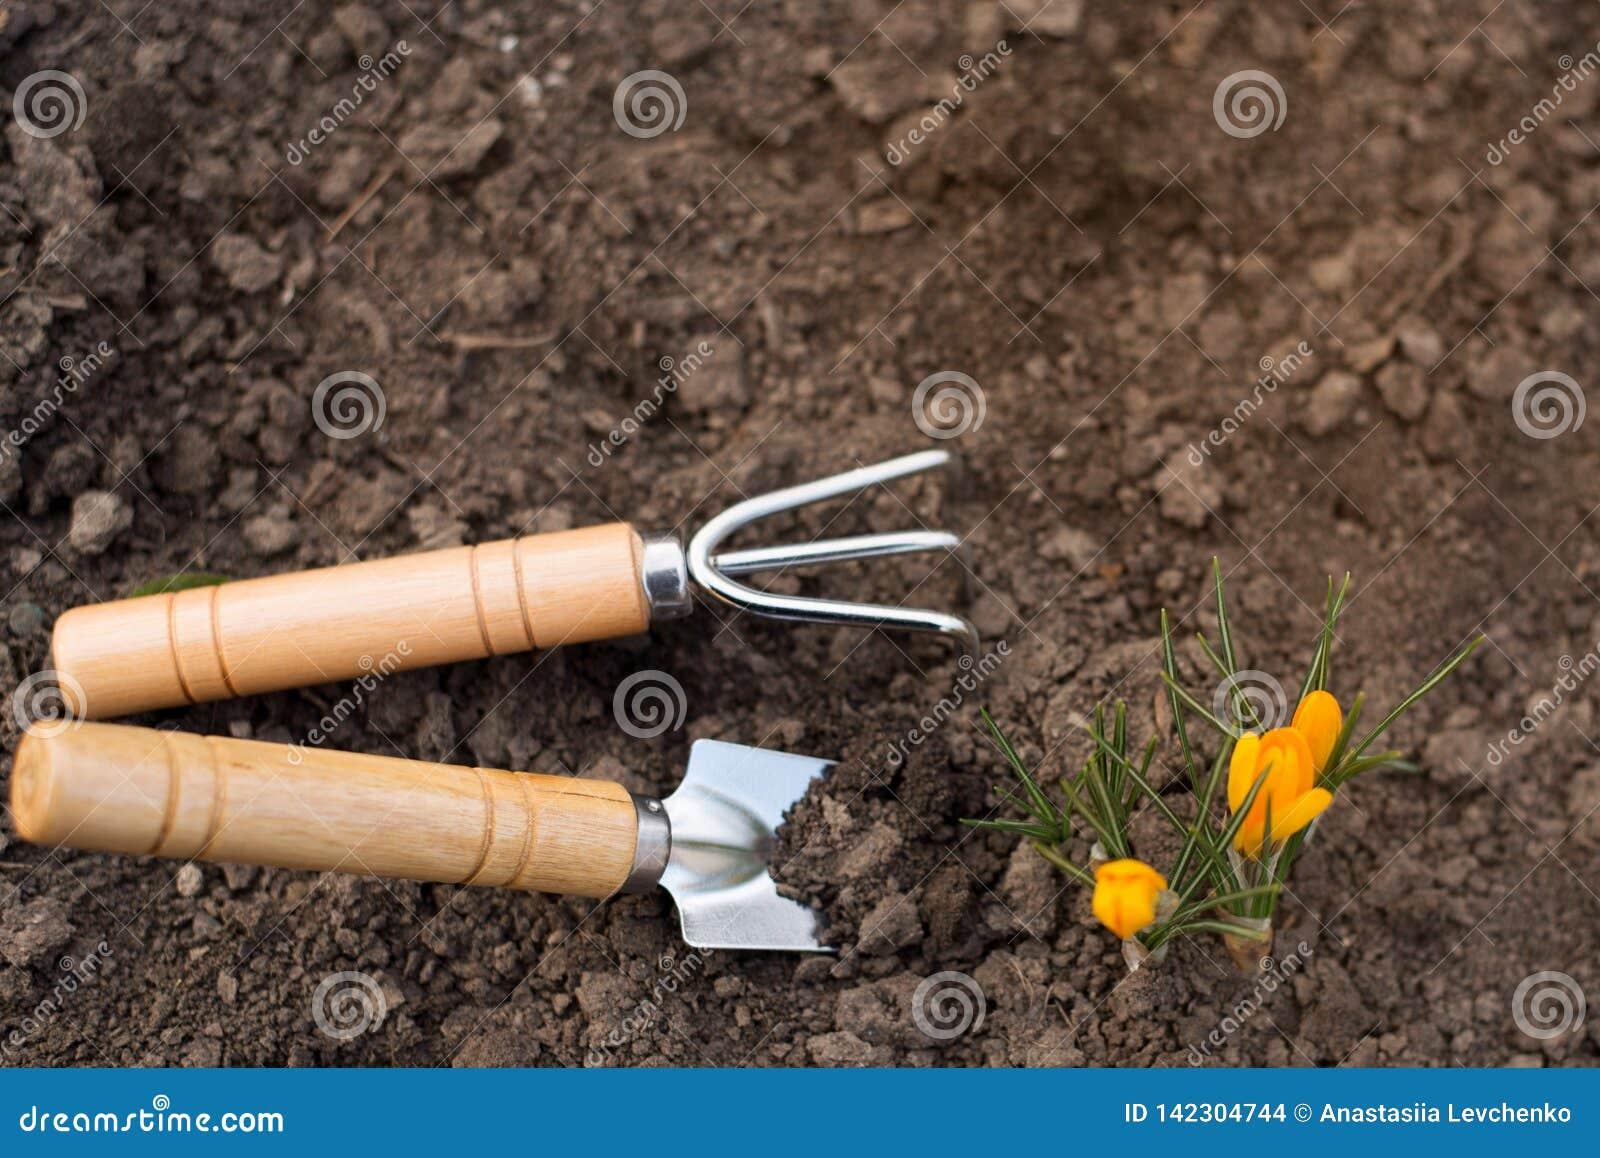 Les outils font du jardinage sol avec de petites fleurs de couleur sur le fond de nature Place pour le texte Concept de jardinage